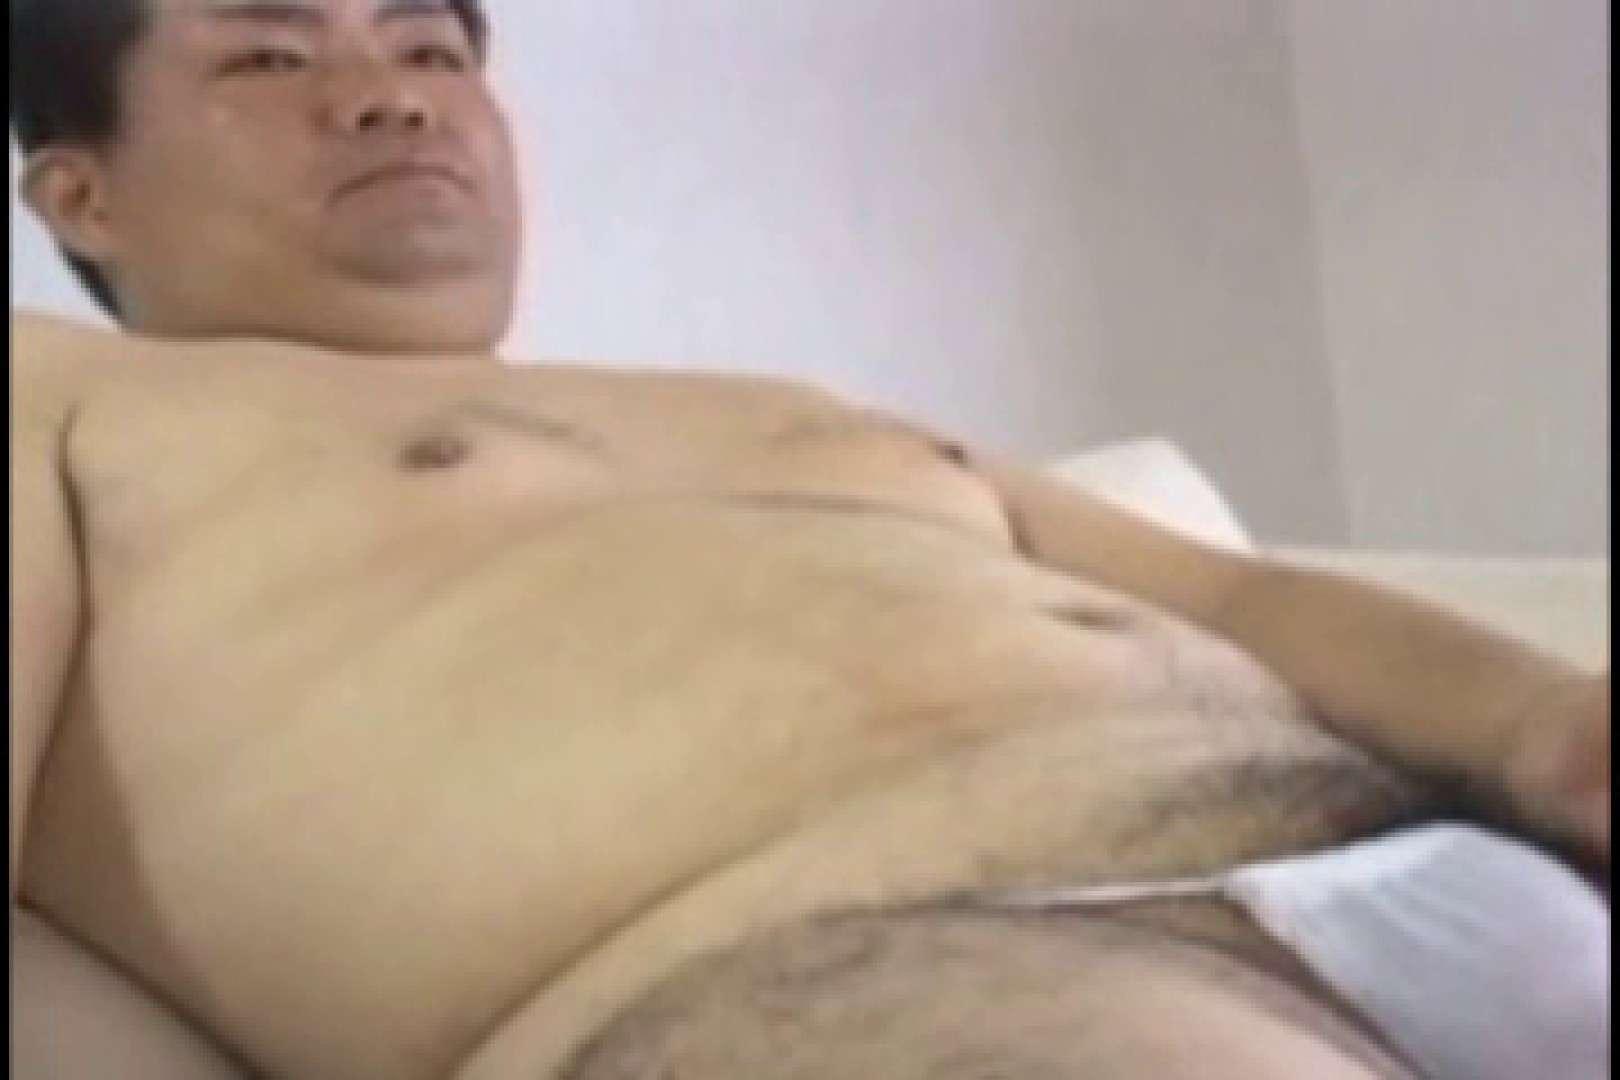 性欲に満ちたデカてぃむぽのホモ旦那 オナニー ゲイモロ画像 96枚 52